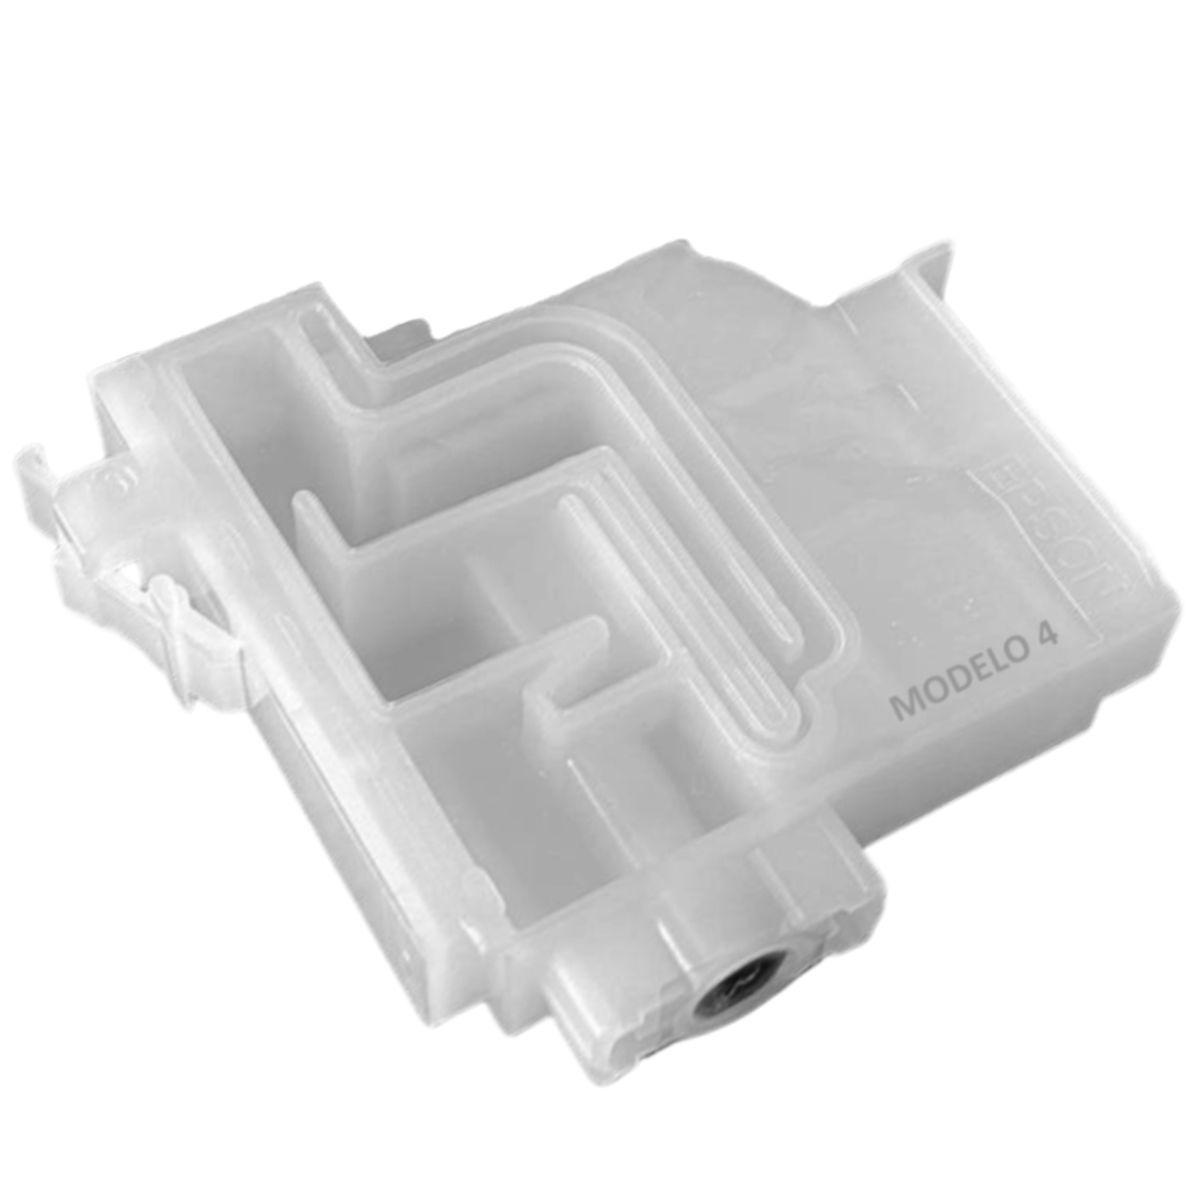 """Cartucho de Reposição """"Damper"""" para Impressoras Epson EcoTank L3110, L3150 (CMYK) e L4150, L4160, L6161, L6171, L6191 (CMY) e Similares (Modelo 4)"""